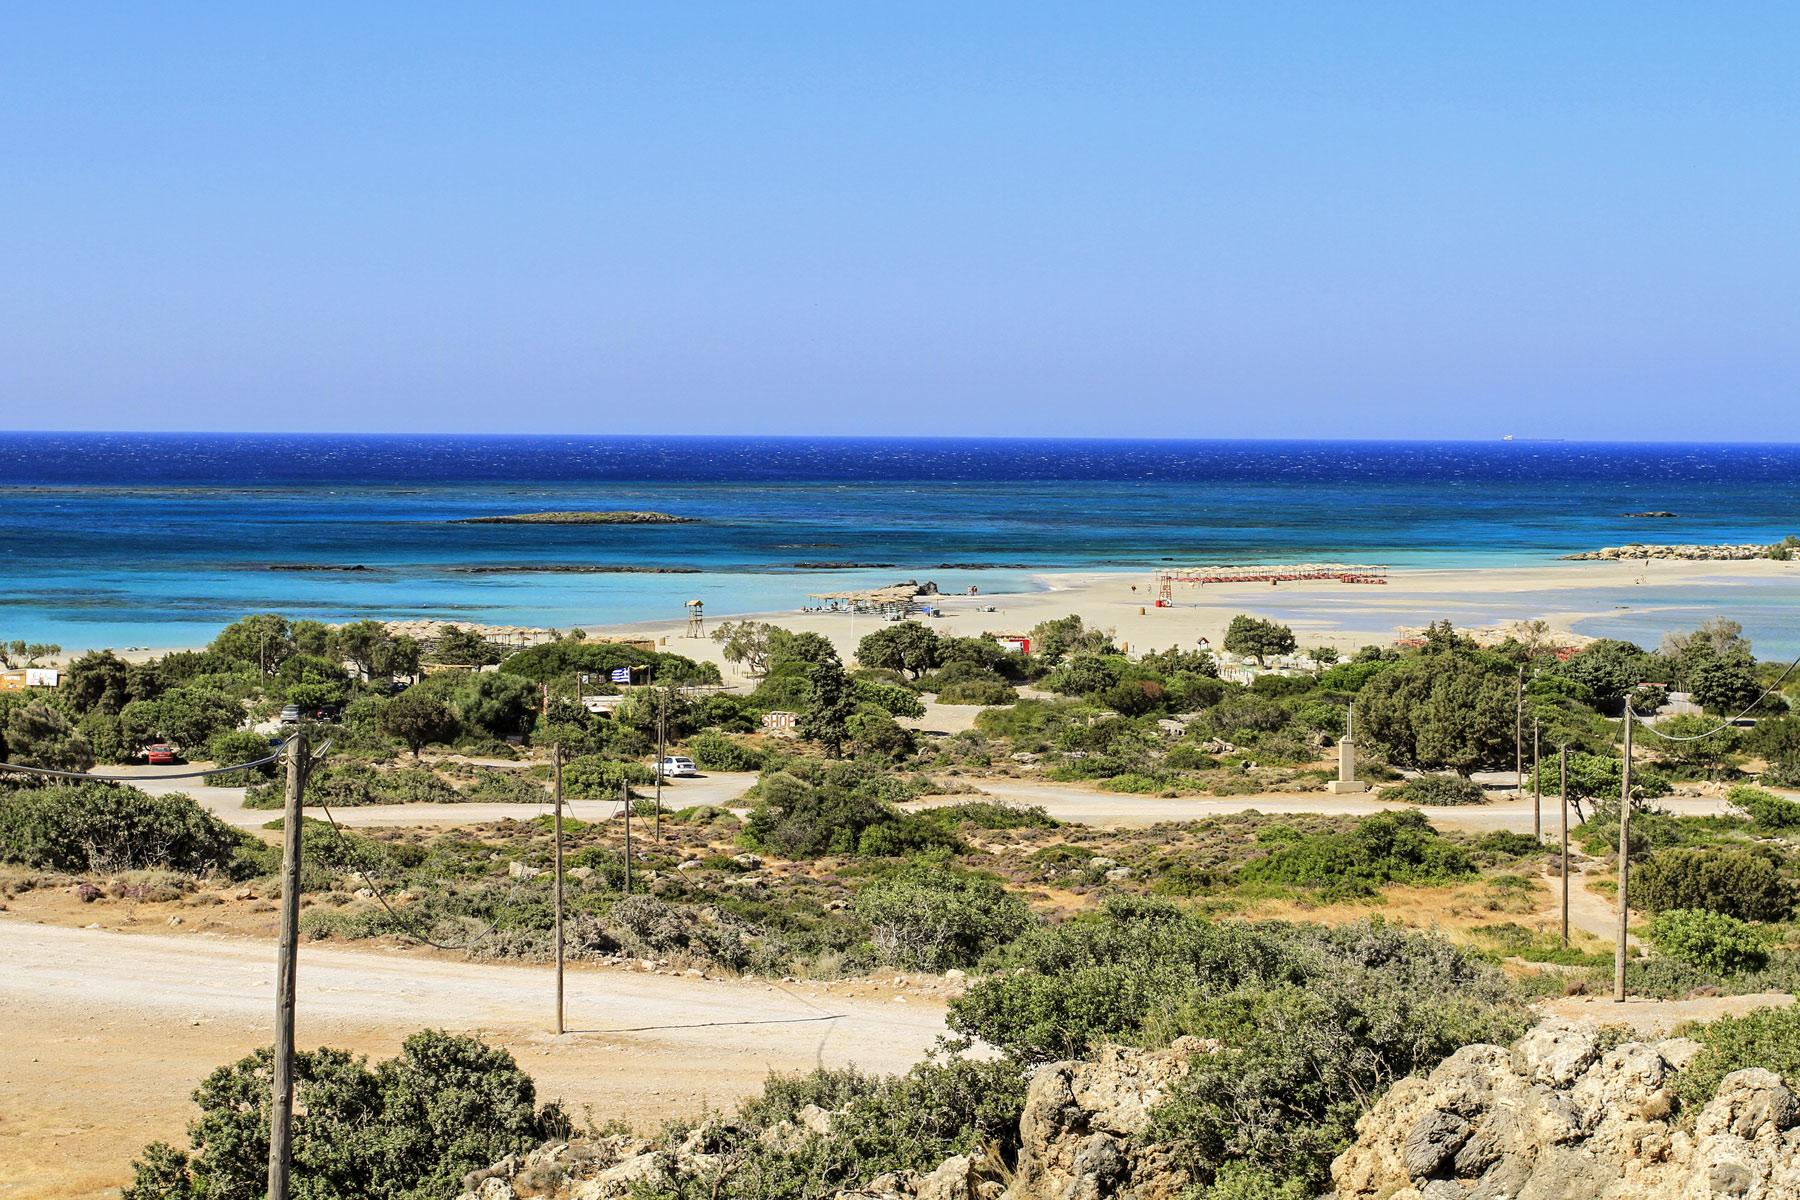 Elafonissi strandja távolról